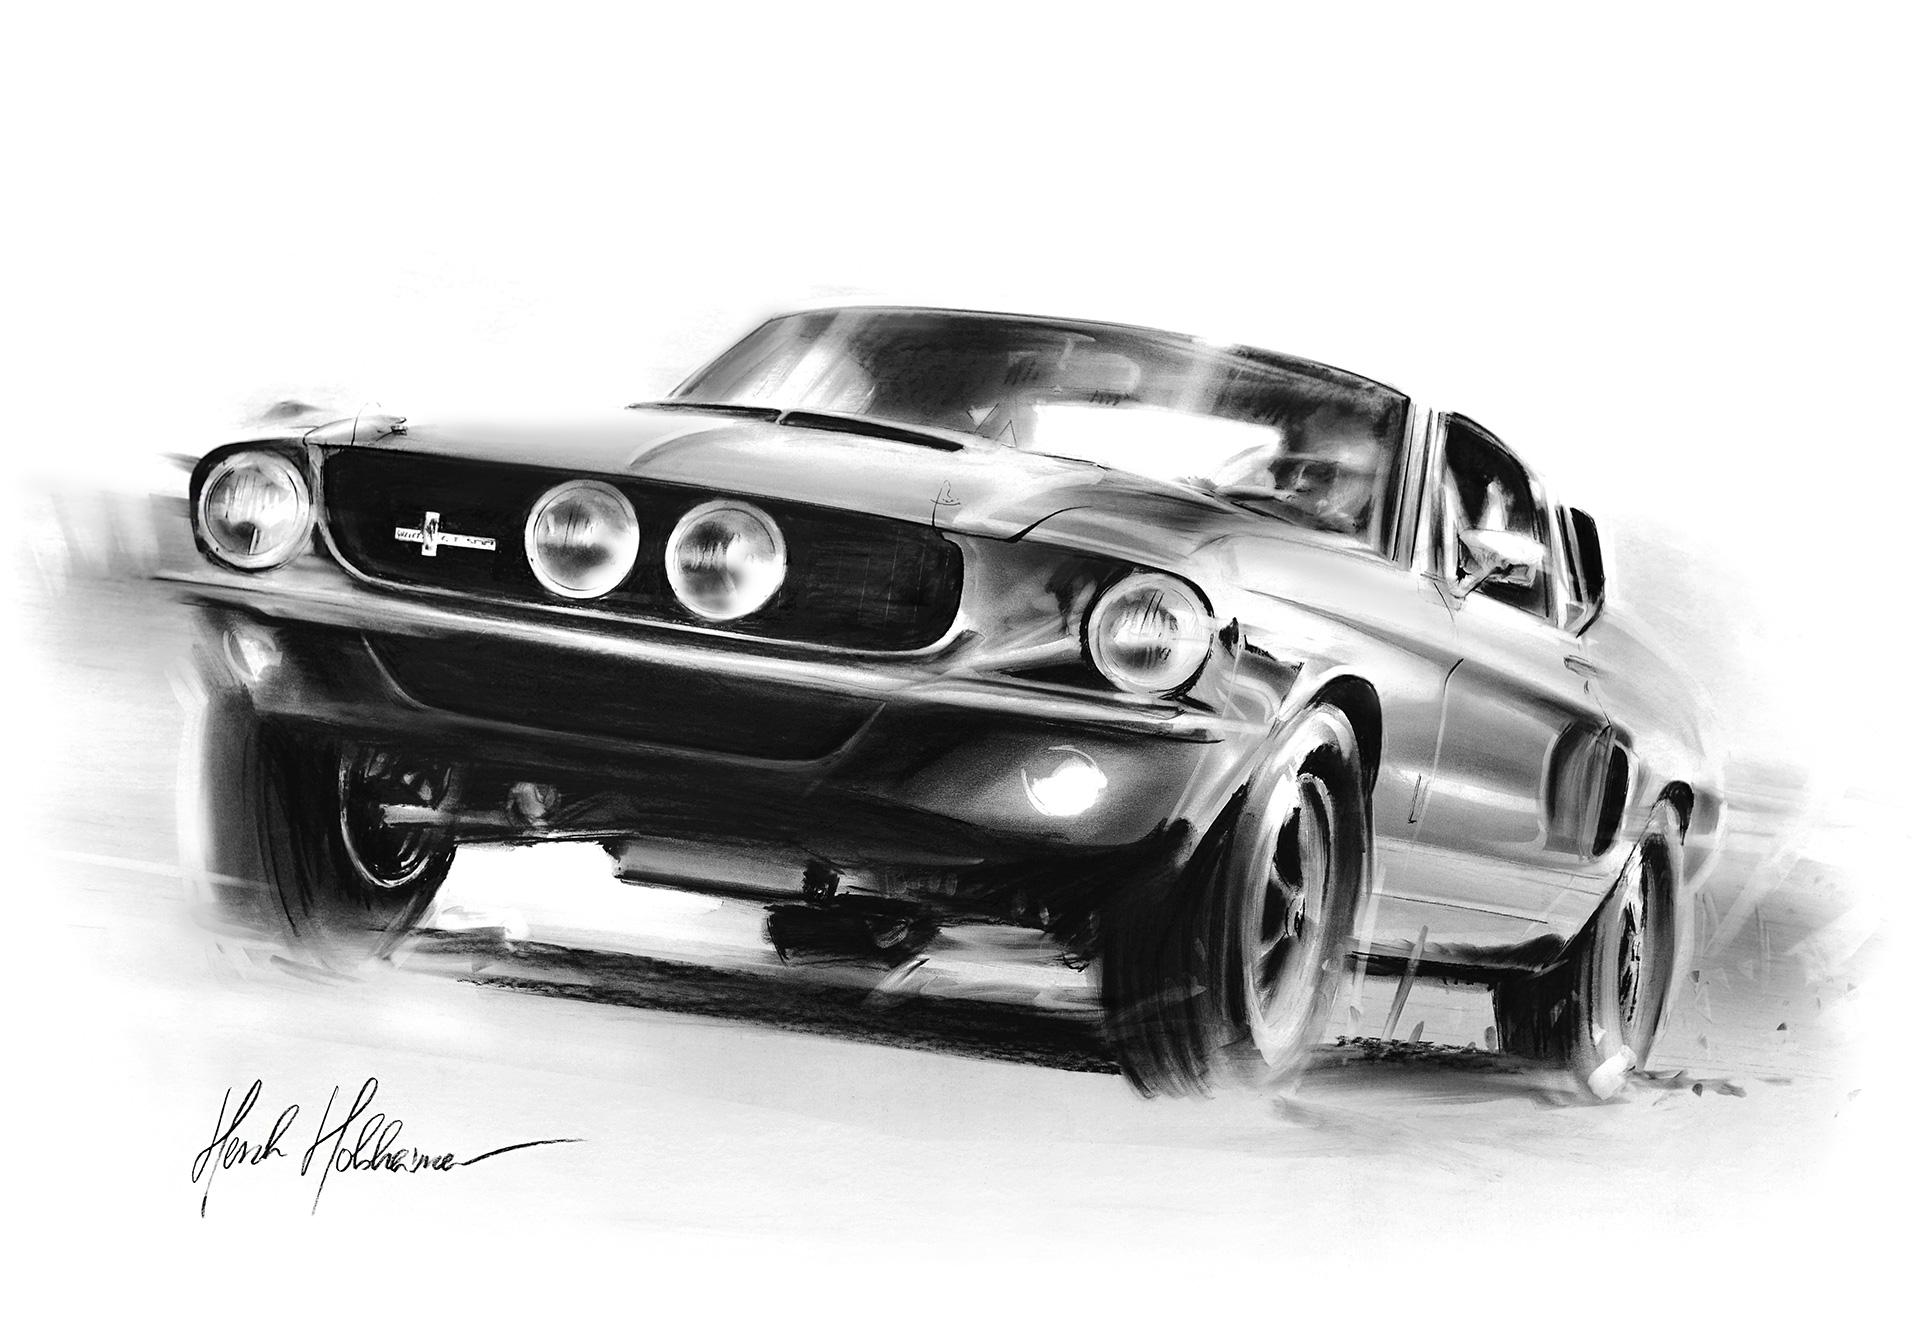 Henk_Holsheimer_14C008_Shelby500GT_1920